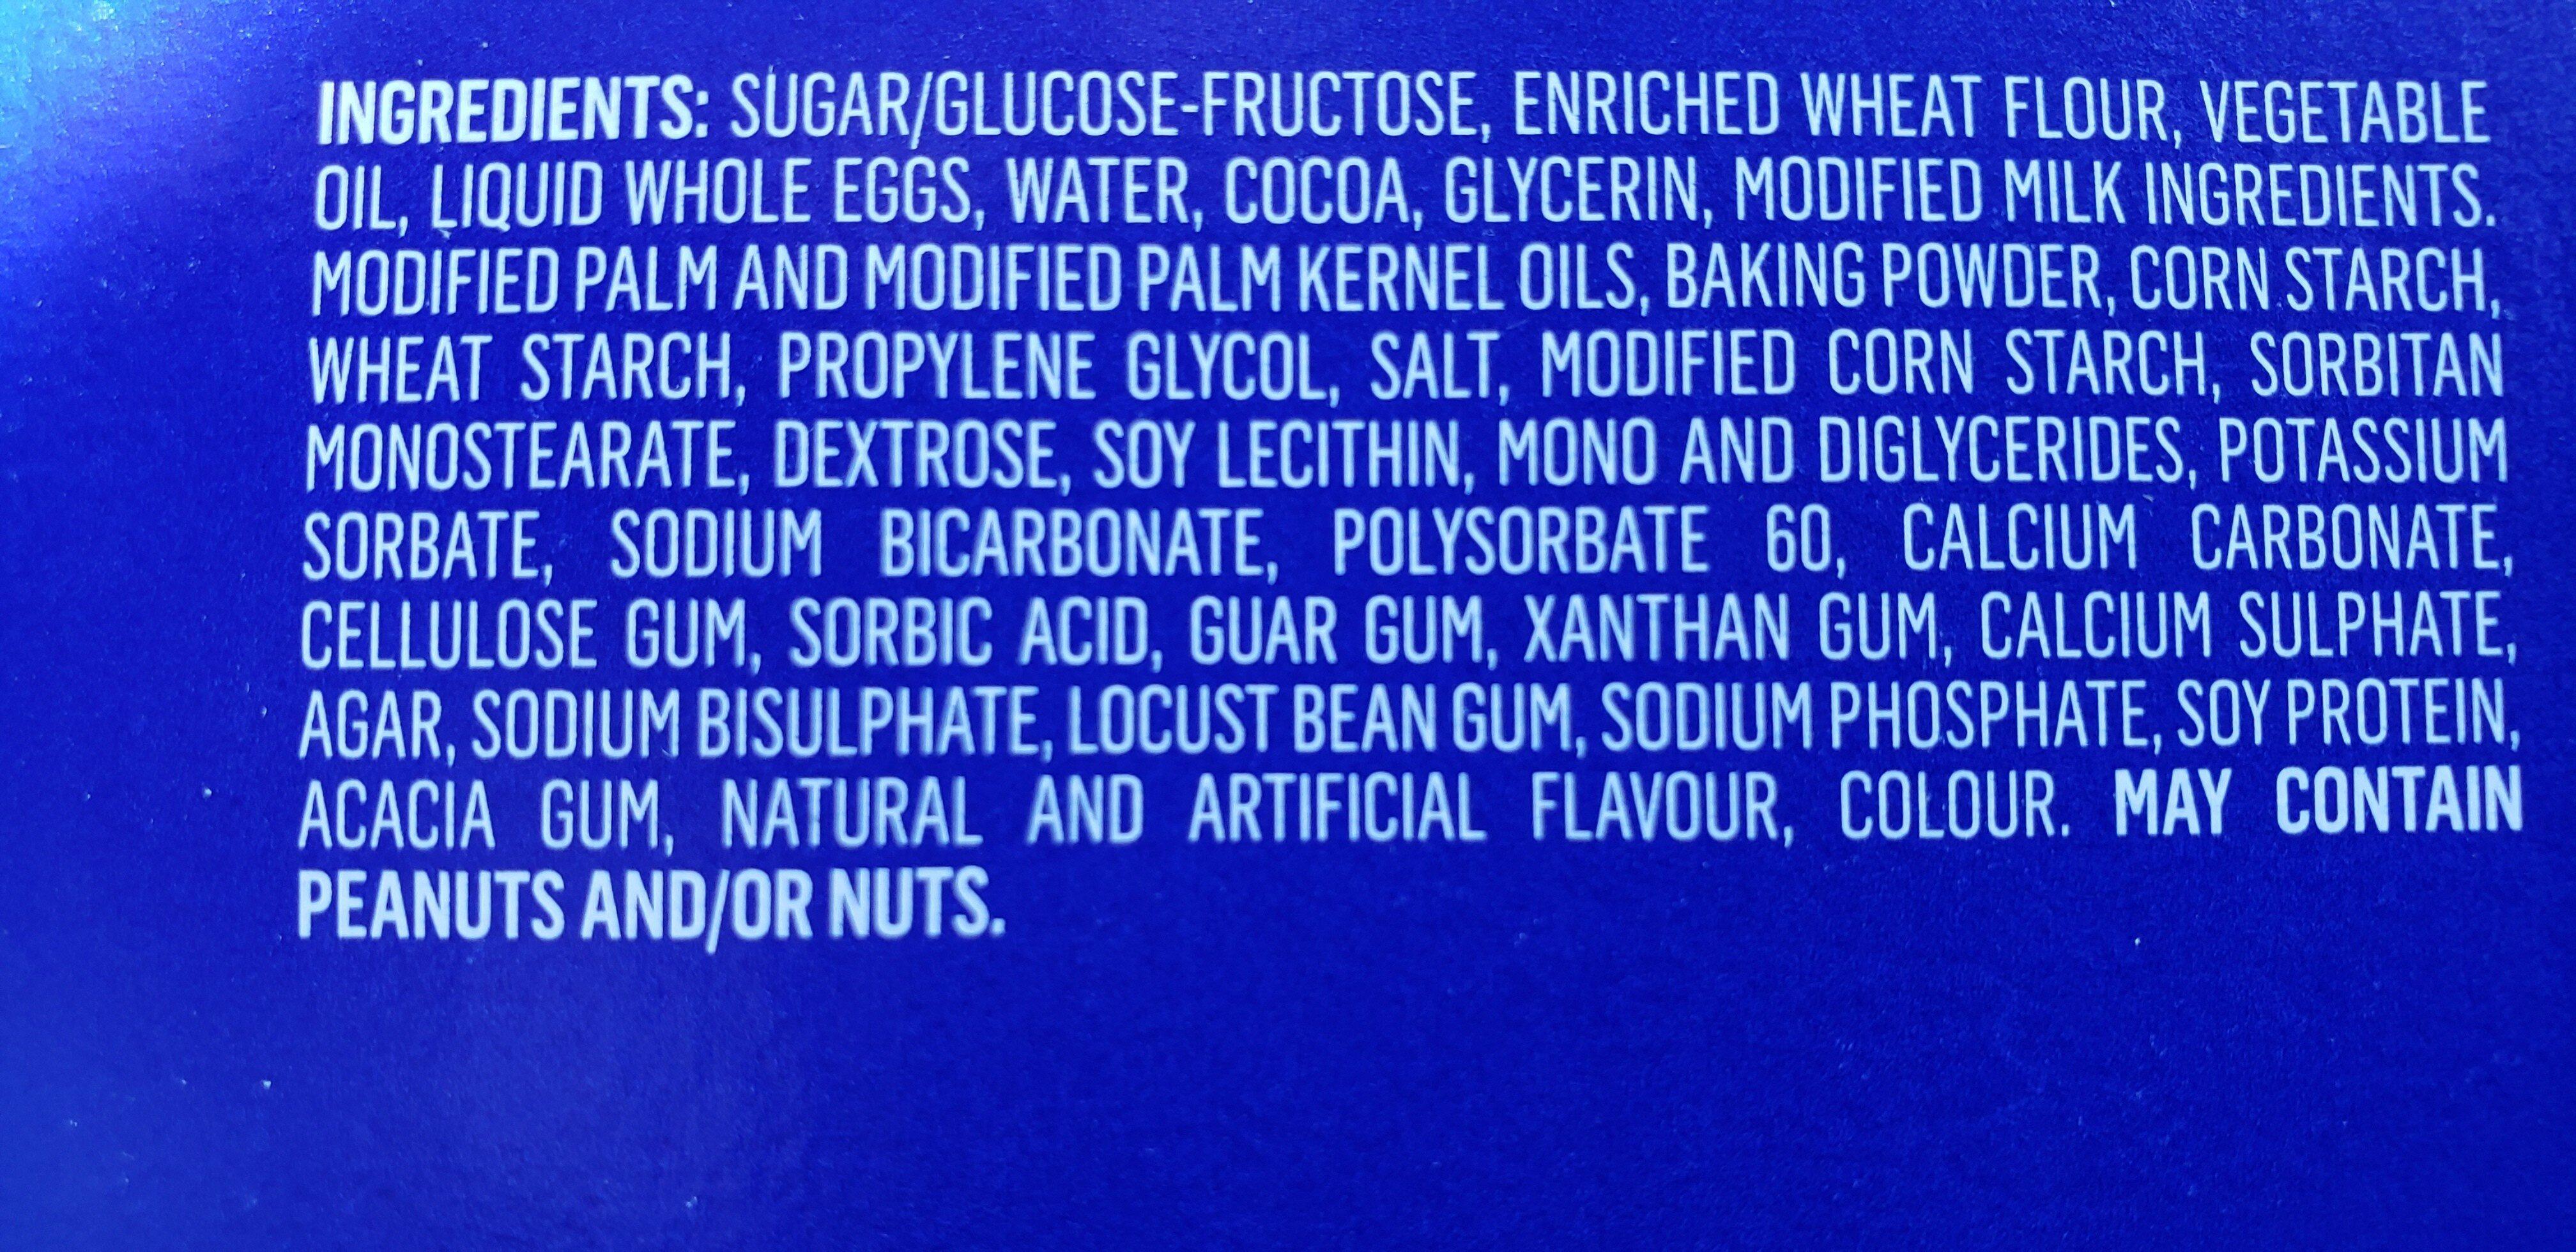 cupcakes - Inhaltsstoffe - en